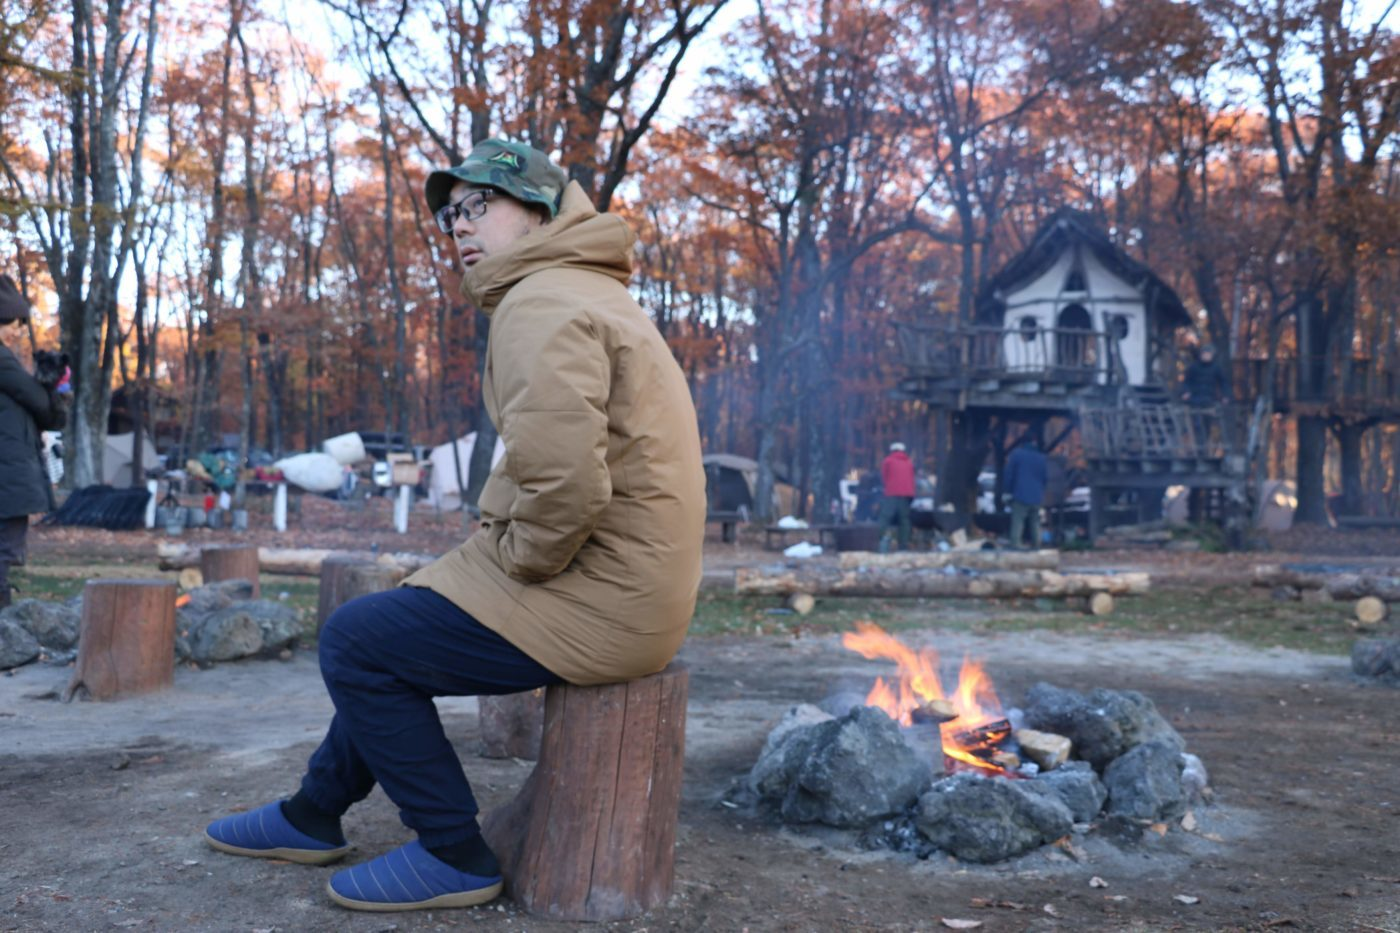 ハイブリットダウンパーカは秋冬のキャンプにおすすめのウェア